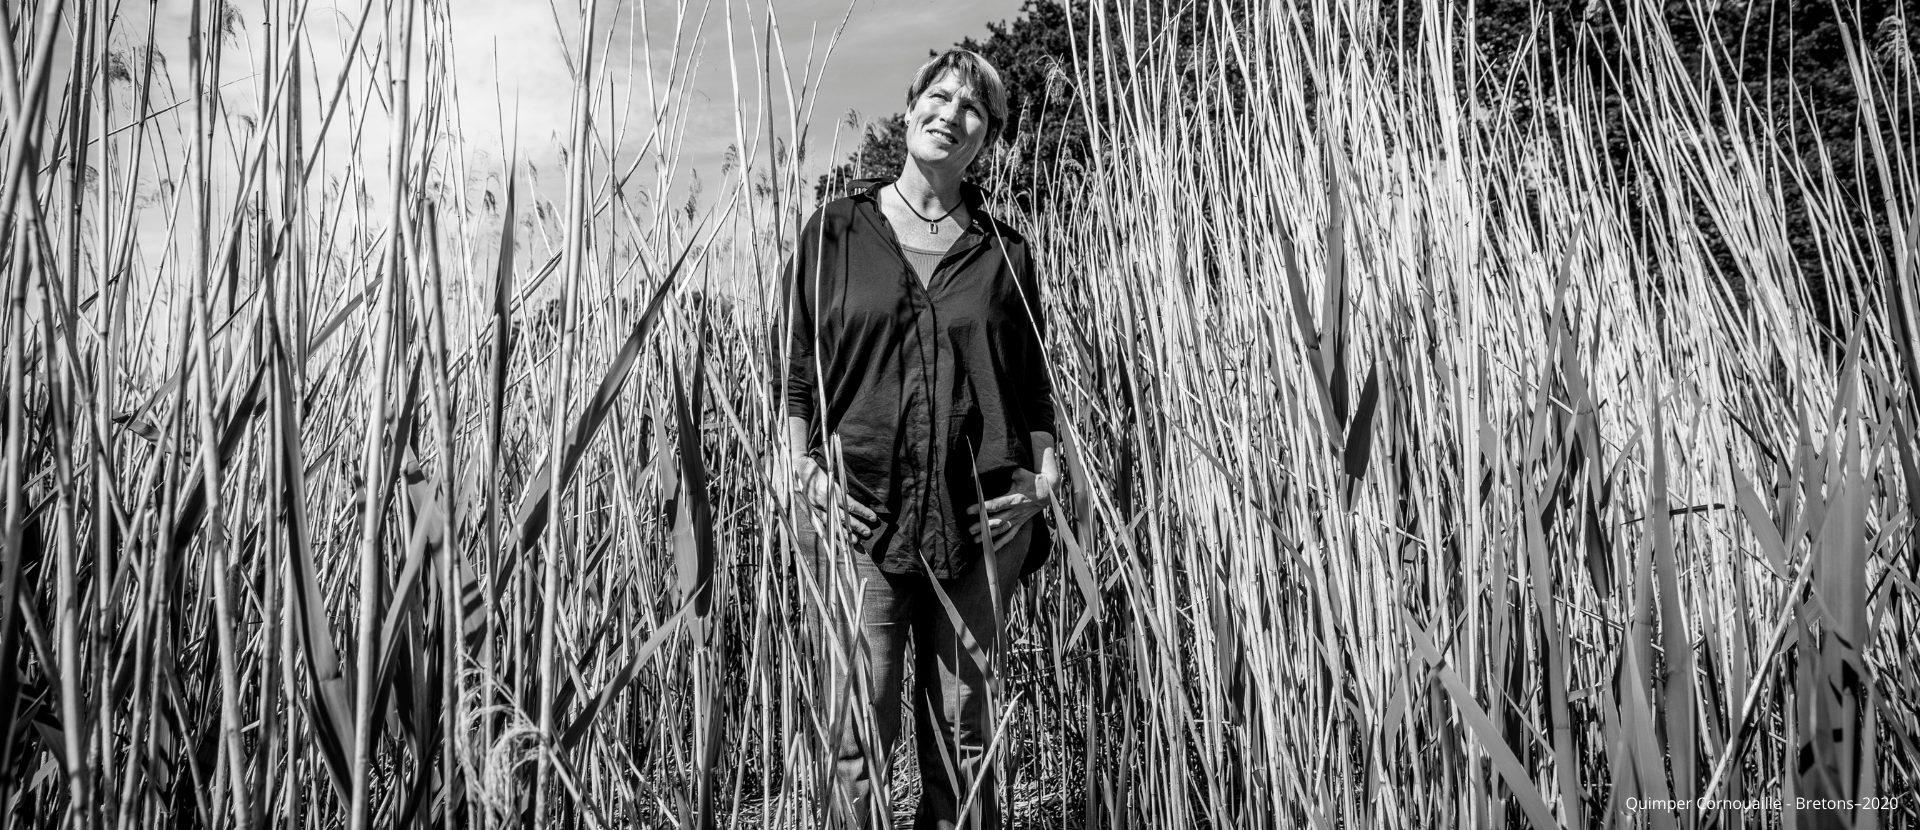 Anne Quéméré, navigatrice, écrivain, talent de Quimper Cornouaille. Crédit Gwenaël Saliou_Bretons_2020